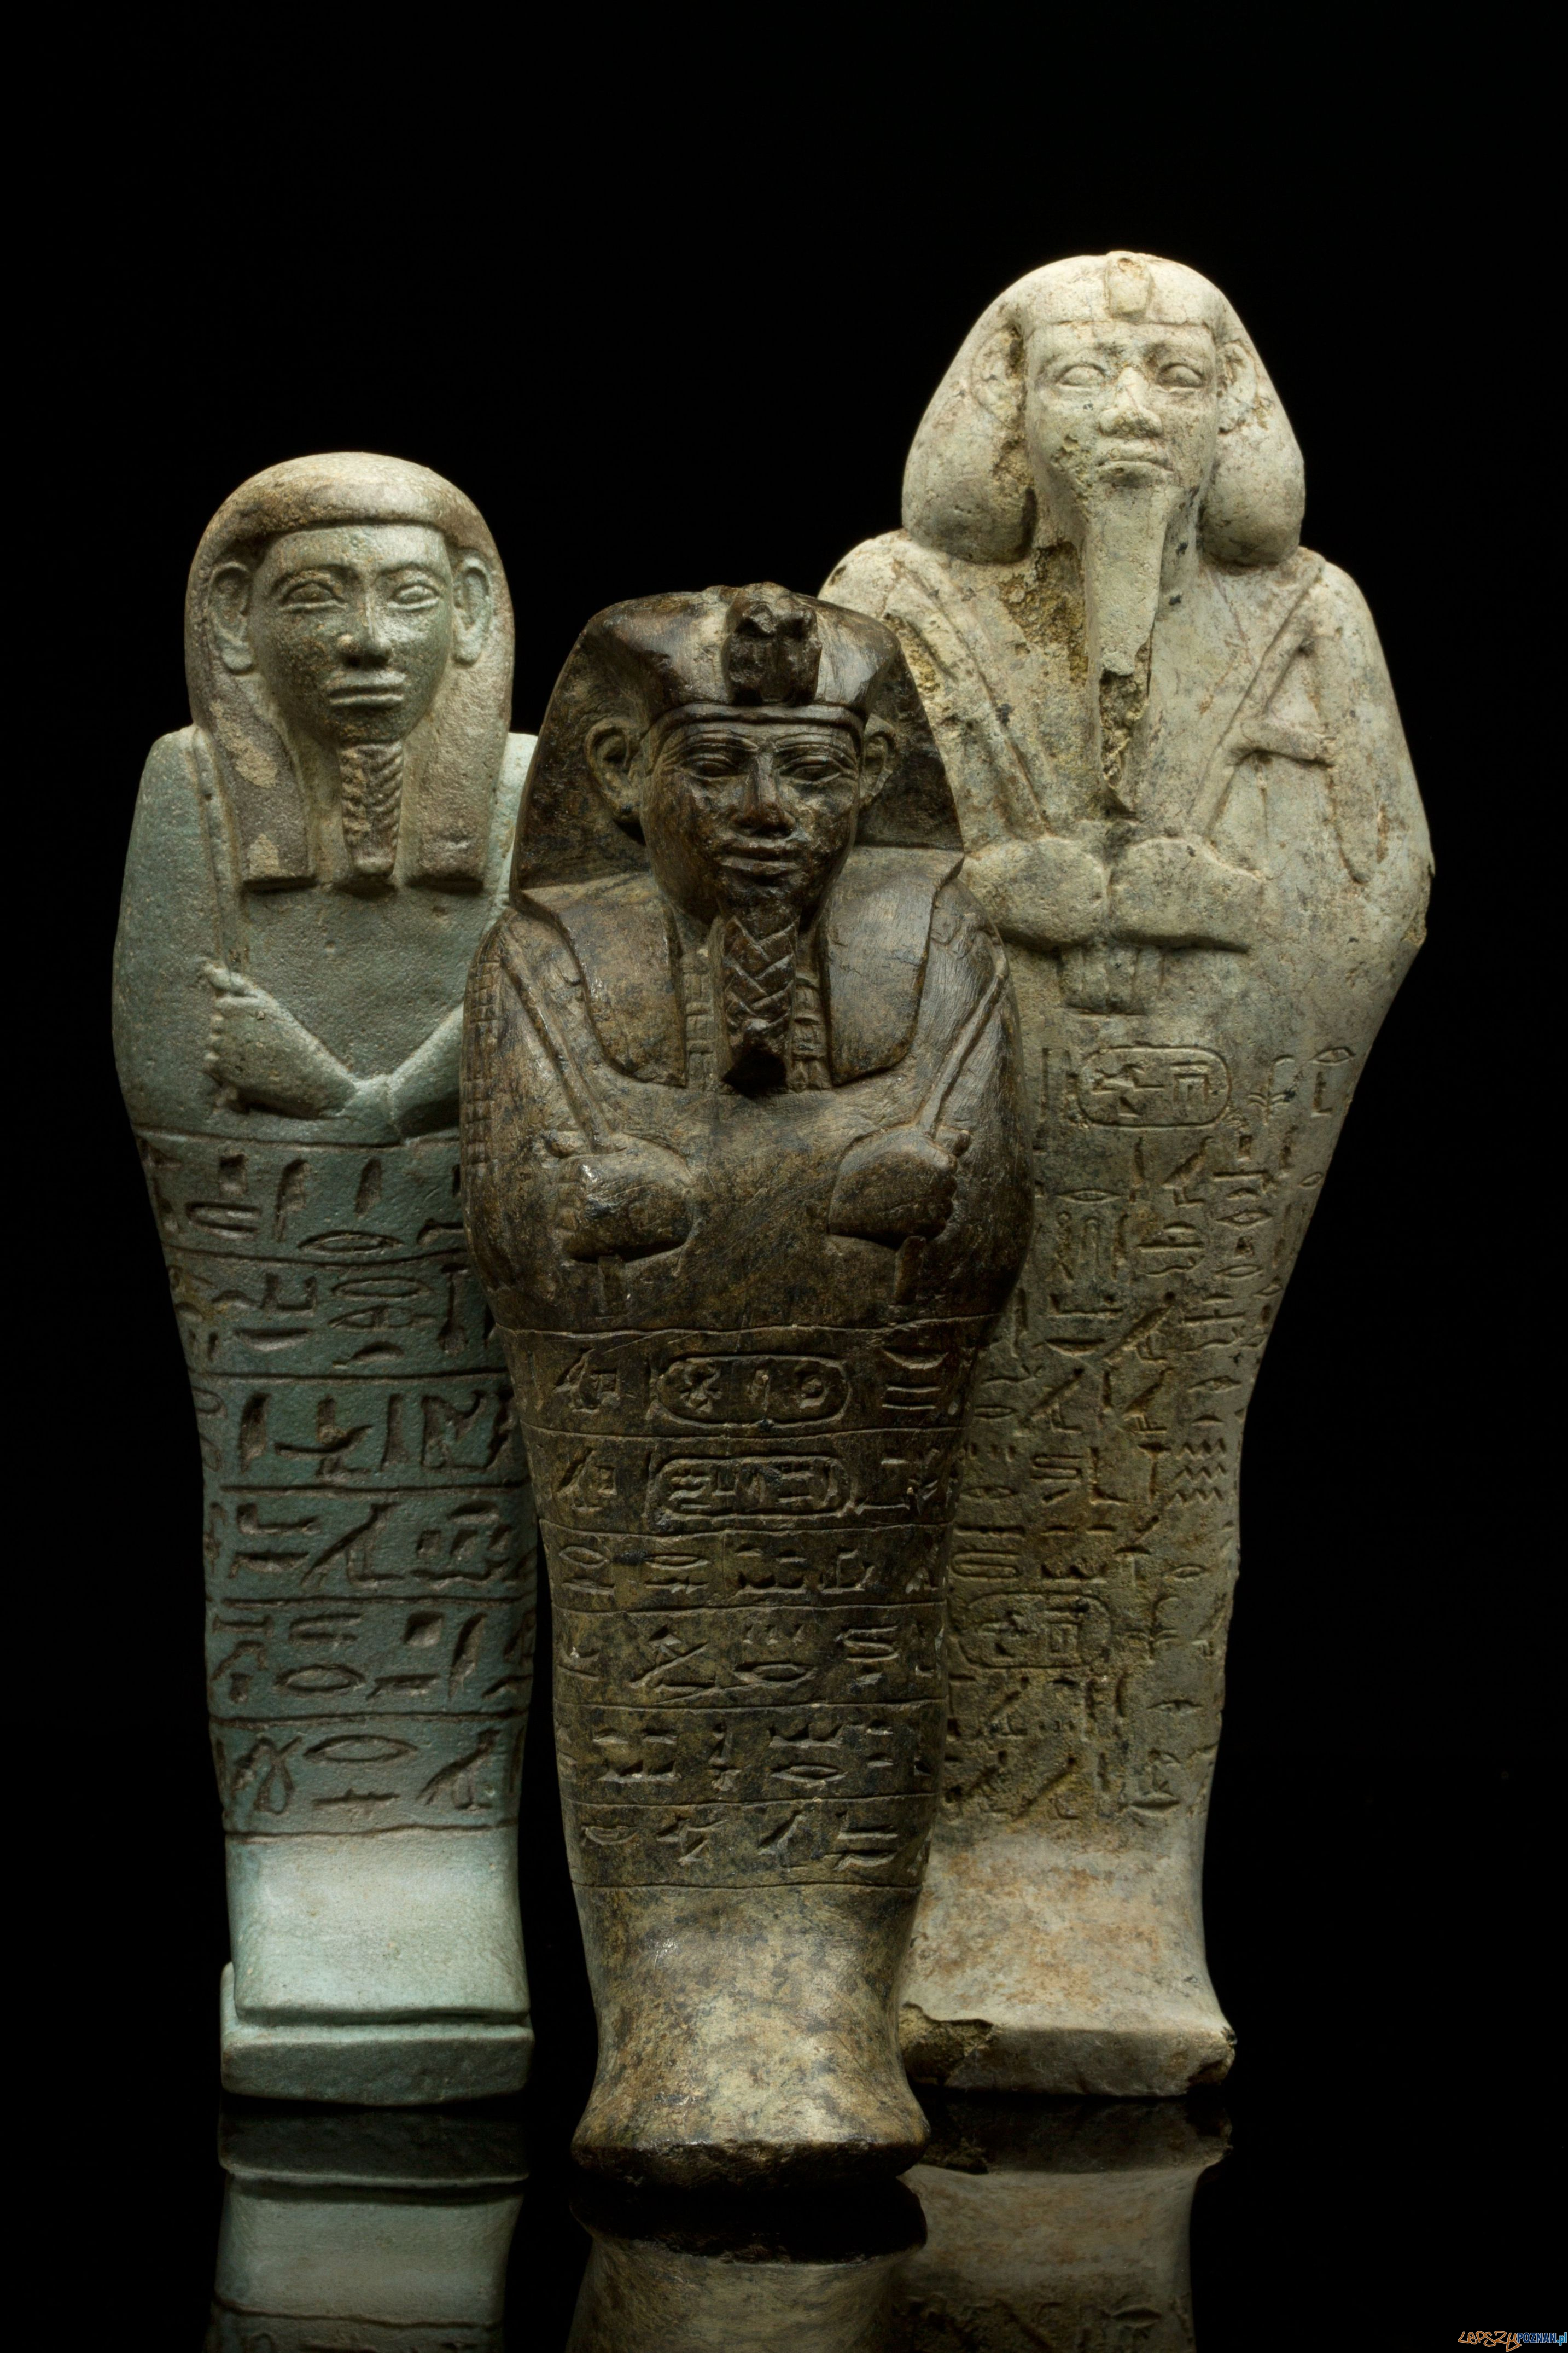 Uszebti królewskie z Nuri, Sudan, datowane na VII w. p.n.e.  Foto: M. Jórdeczka